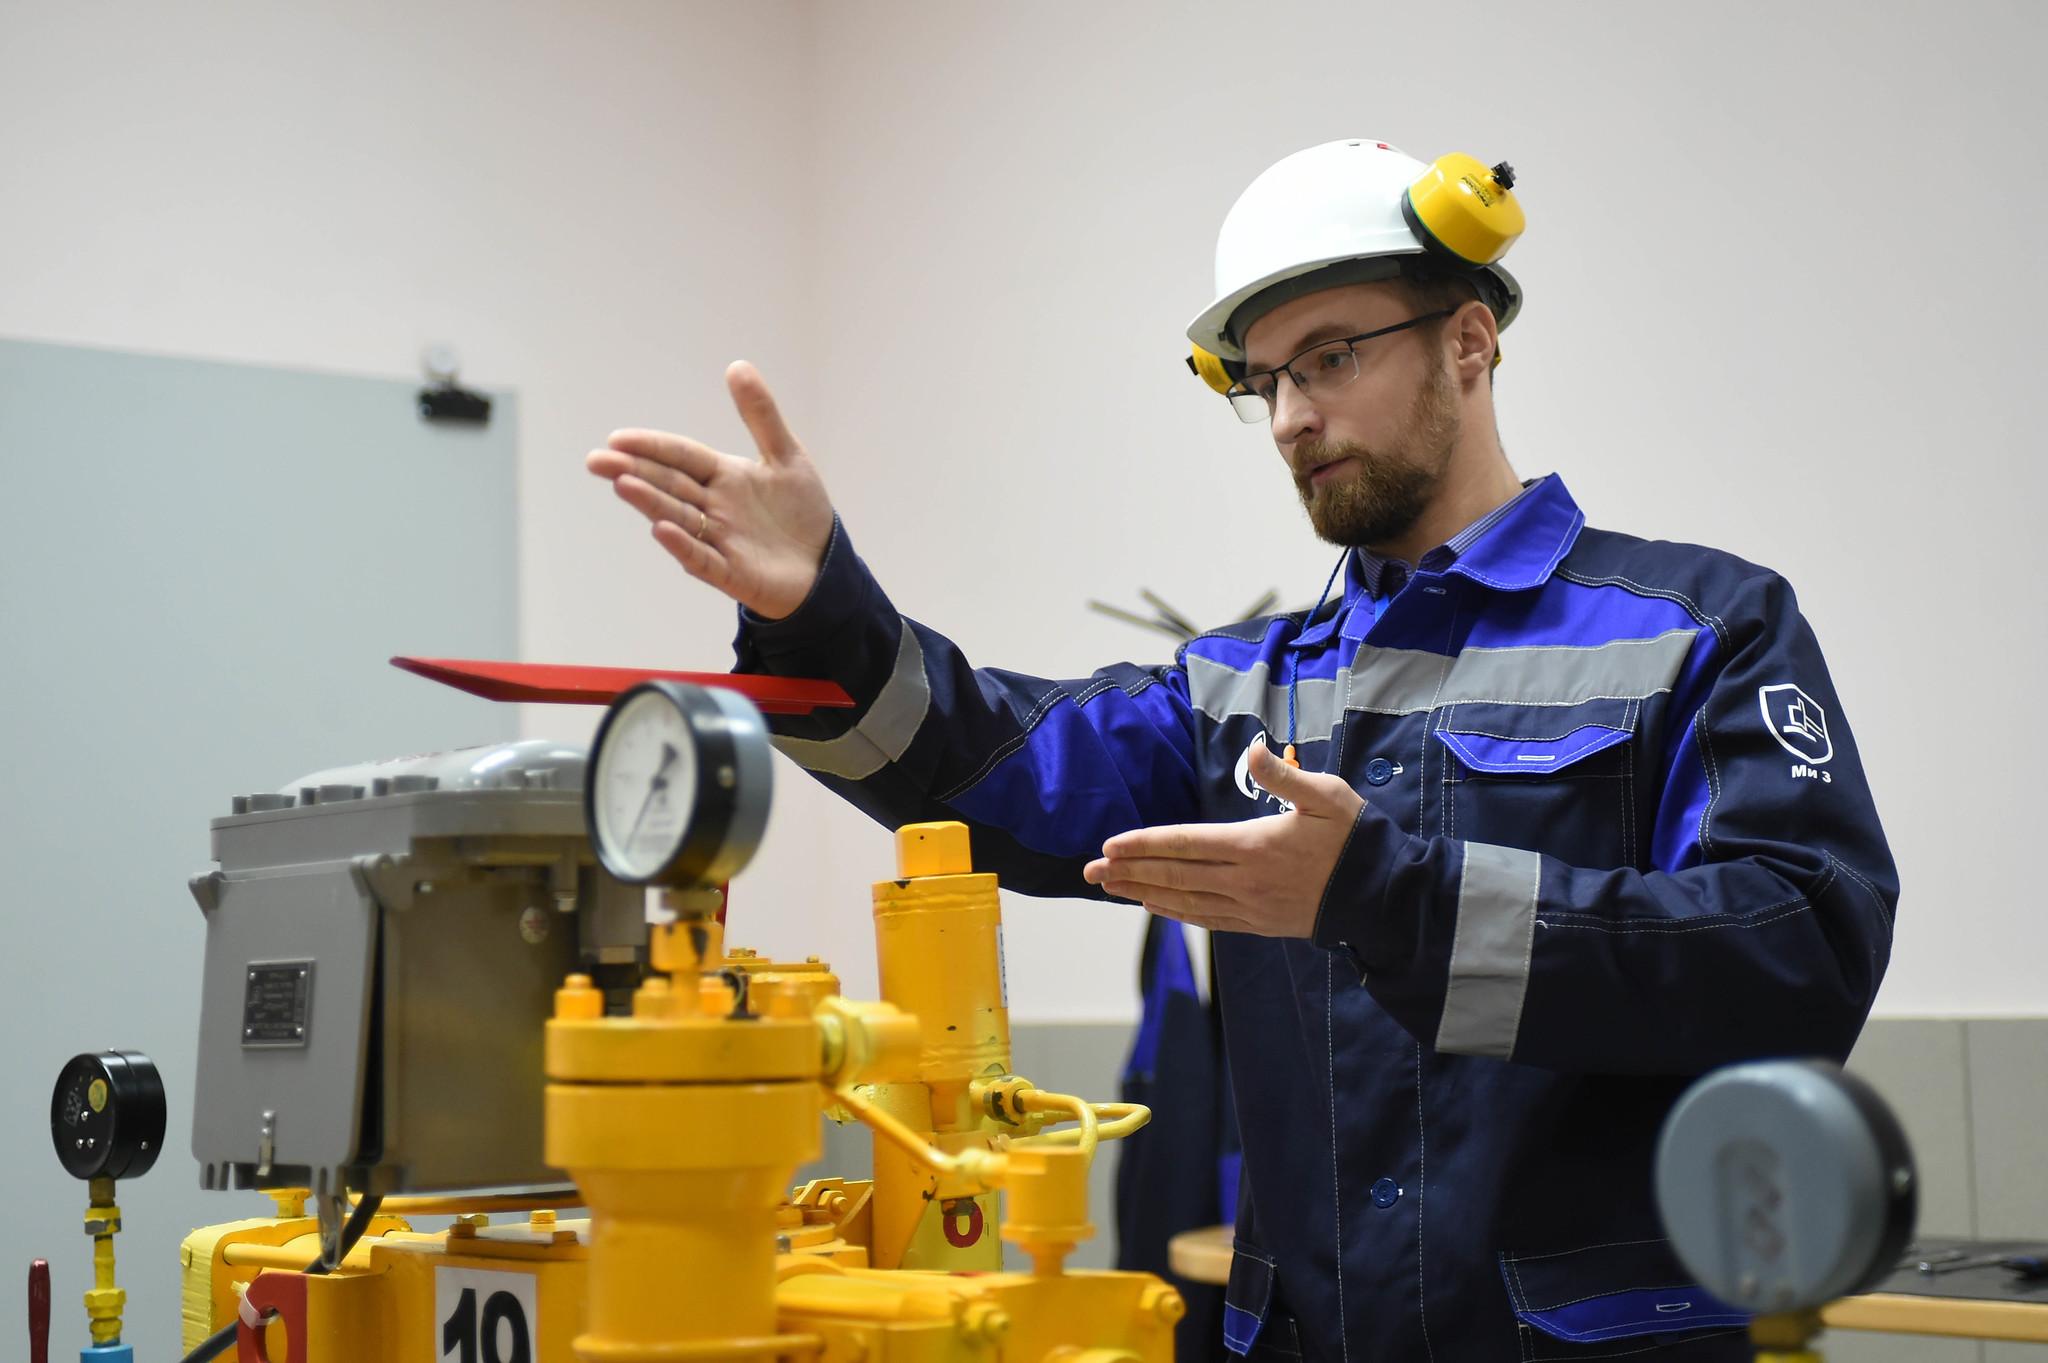 Глава Роструда назвал наиболее востребованные профессии в России